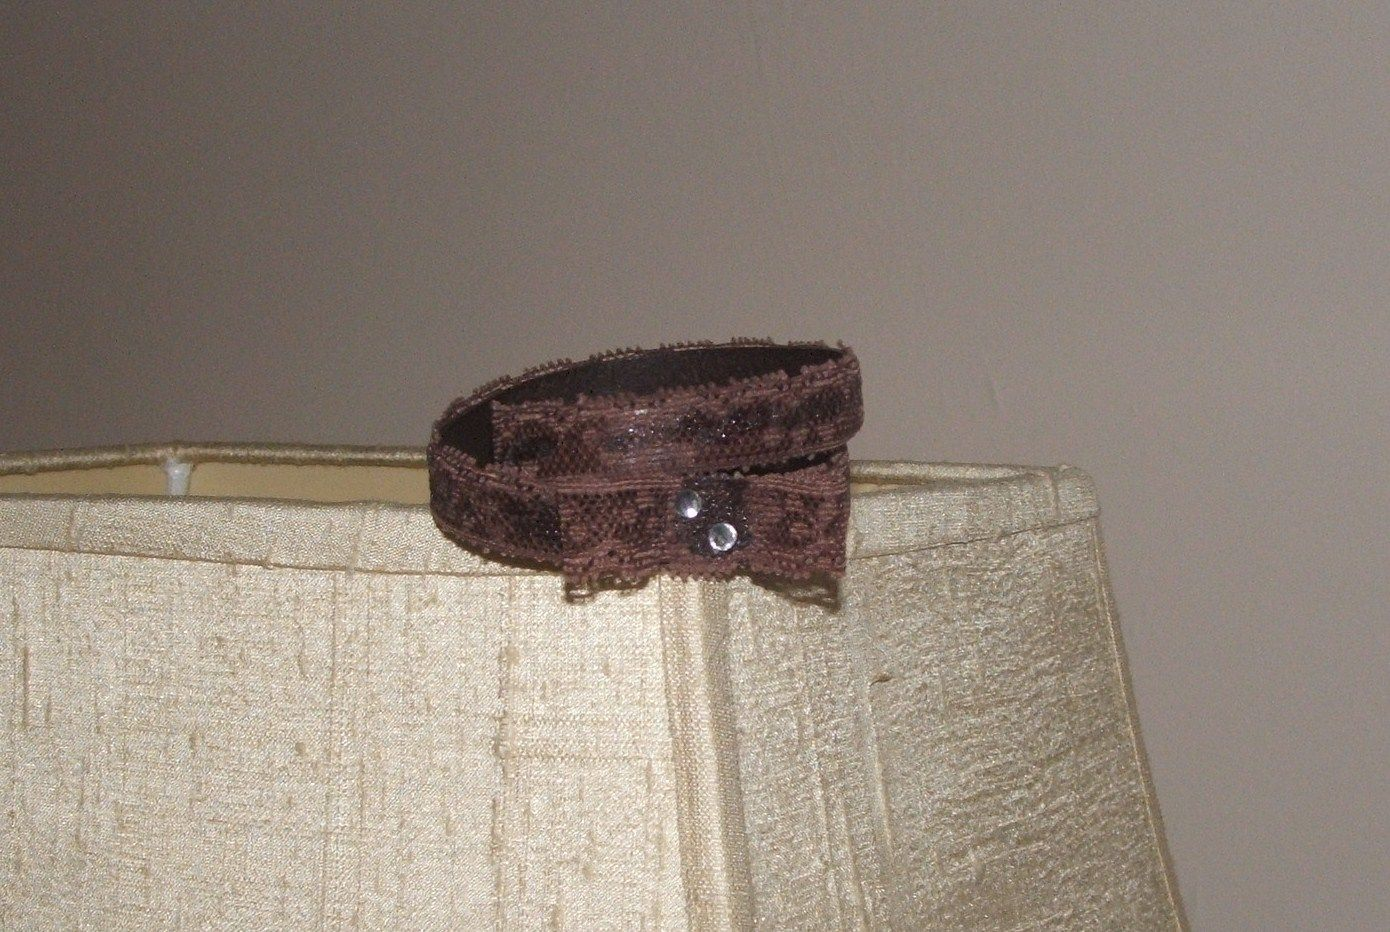 Pulseira em cabedal plano castanho escuro de duas voltas com aplicação de renda e laço em renda   Ref. 2404113 - 12€